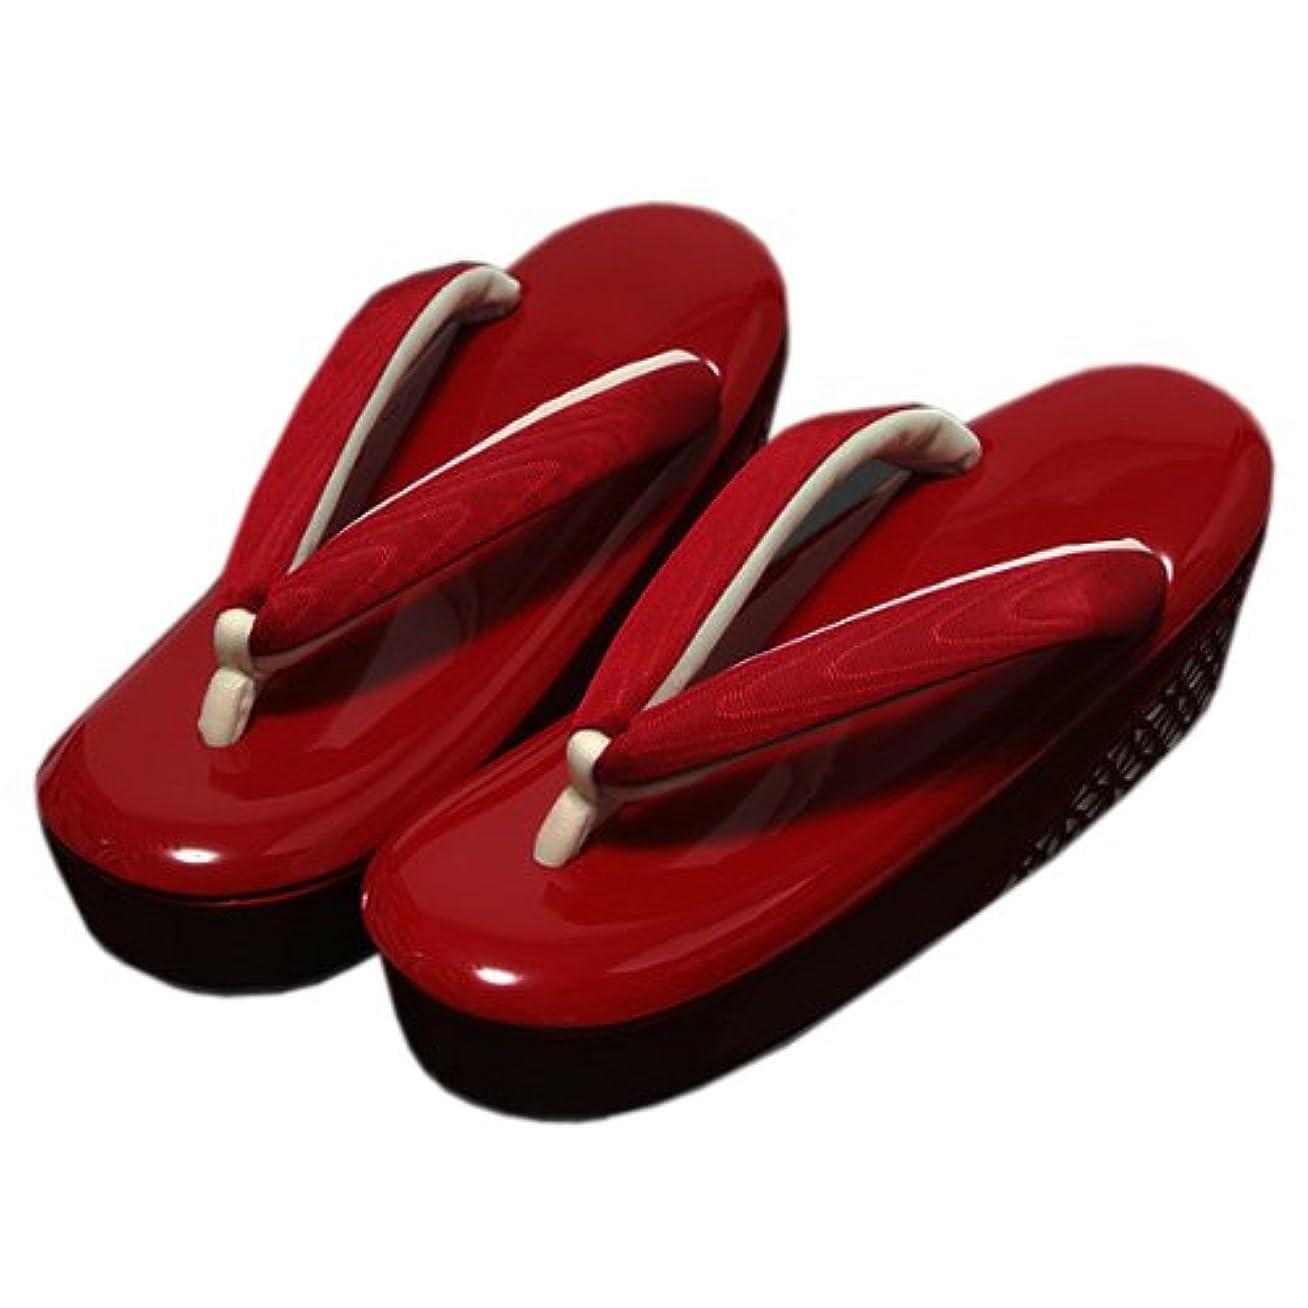 アセシネマ提供[ 京都きもの町 ] (フッサ) fussa振袖 草履 Lサイズ 赤×白 波線模様の鼻緒 クリスタルパンチング 草履 赤